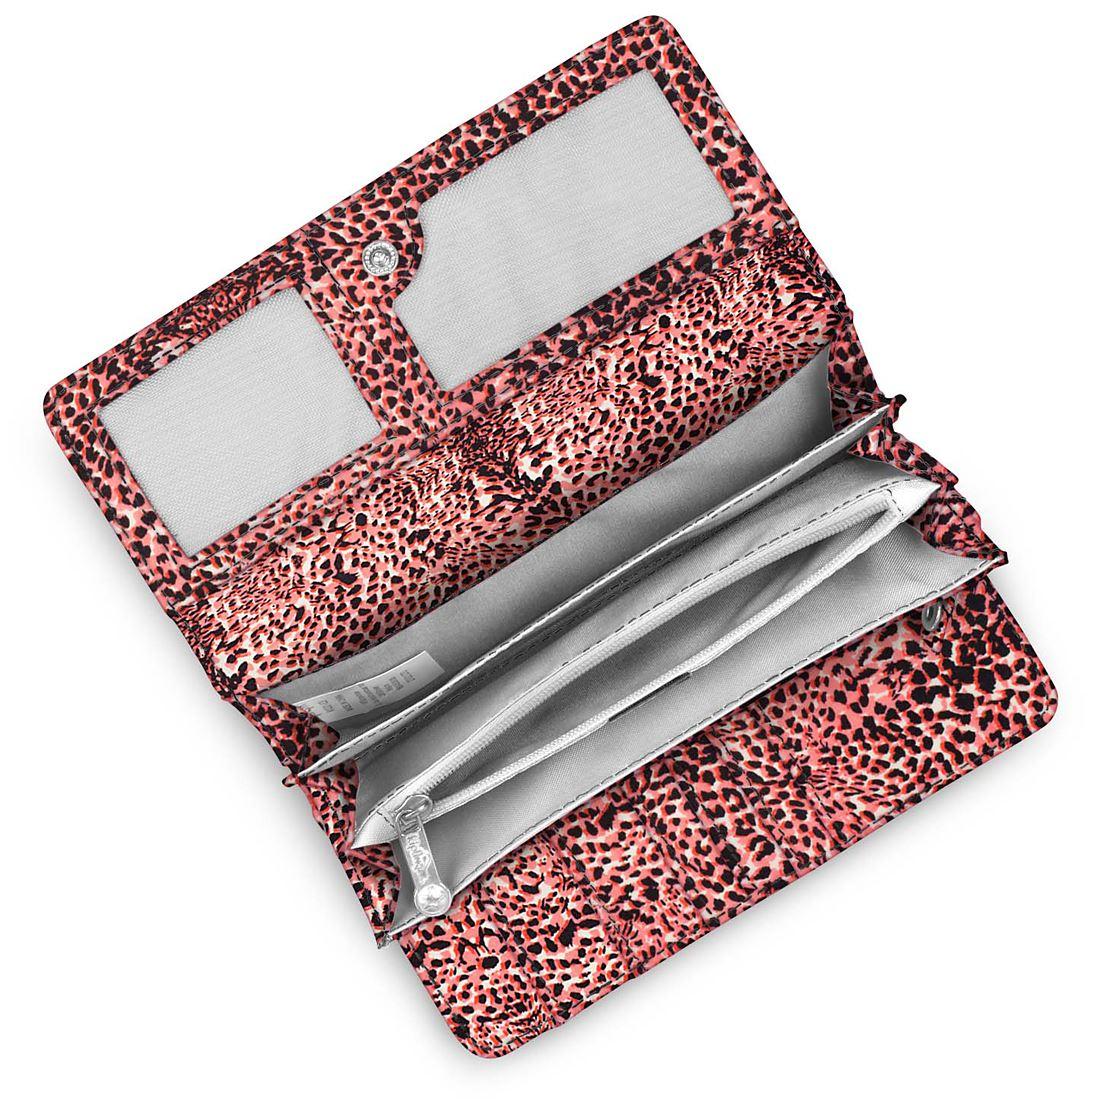 Womens Brownie Wallet Kipling Supply Online BR54T7Nxg